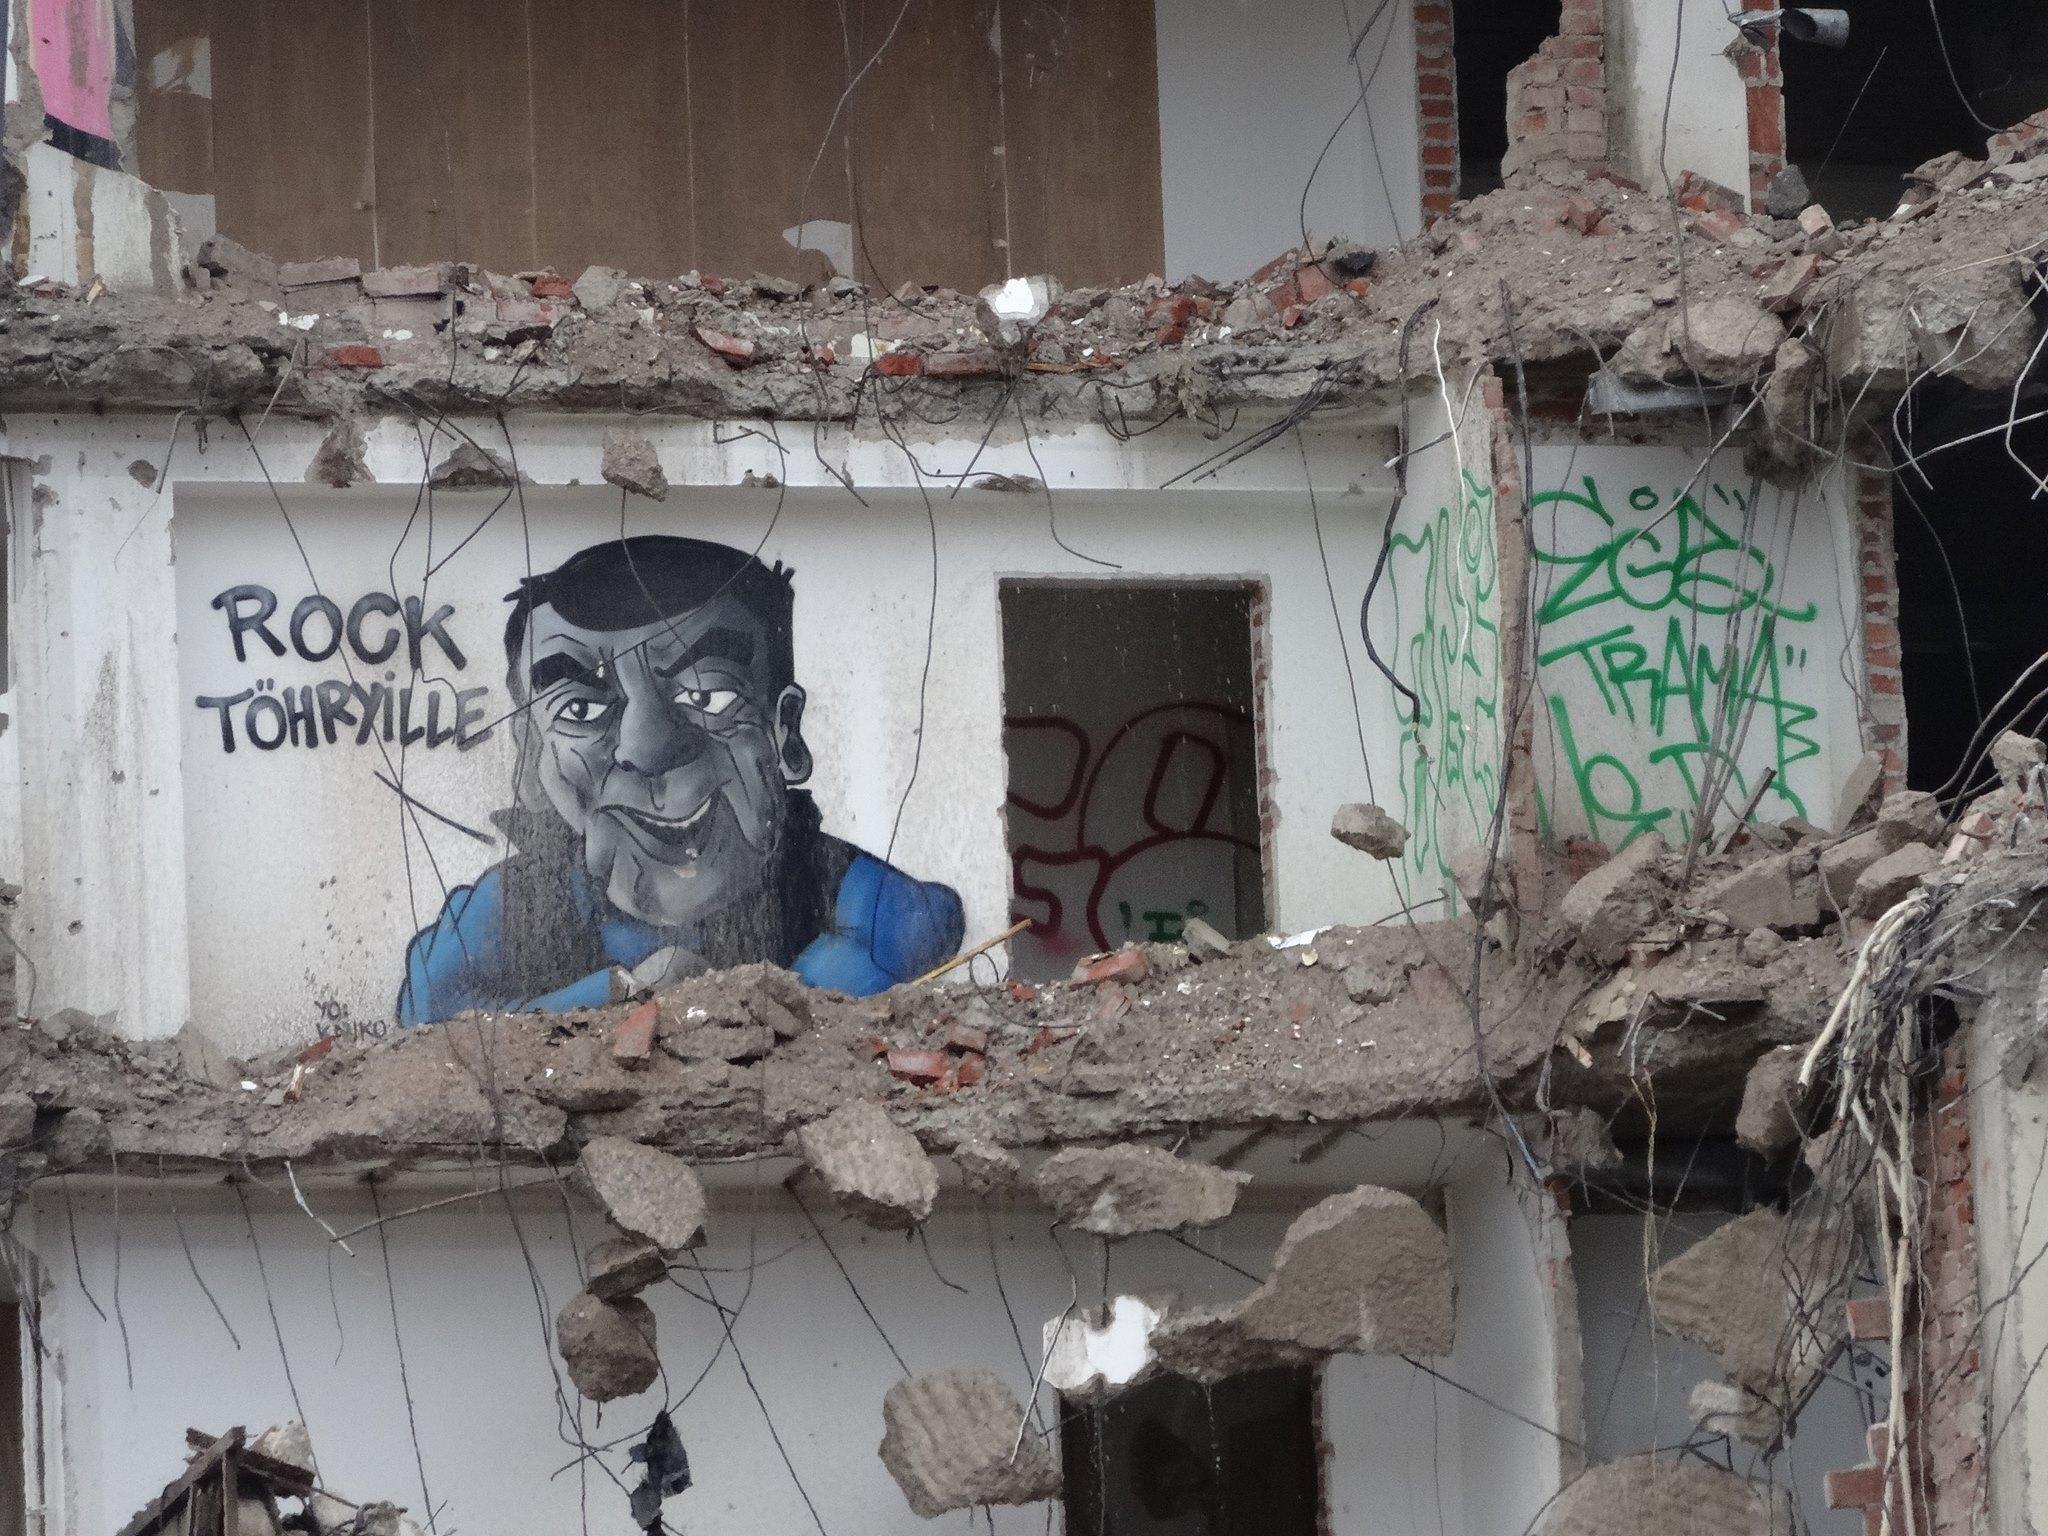 Nyt Stop töhryille on vain paha muisto ja Kaukokin on eläköitynyt. Nygrénin valtakunta sijaitsi fyysisesti Kasarmintorin laidalla möllöttäneessä virastotalossa. Muutama vuosi sitten tuo rakennut purettiin ja uutta puskee tilalle. Ennen purkua Hende kävi maalaamassa Kauko-potretin itse anti-töhrykuninkaan toimiston seinään.